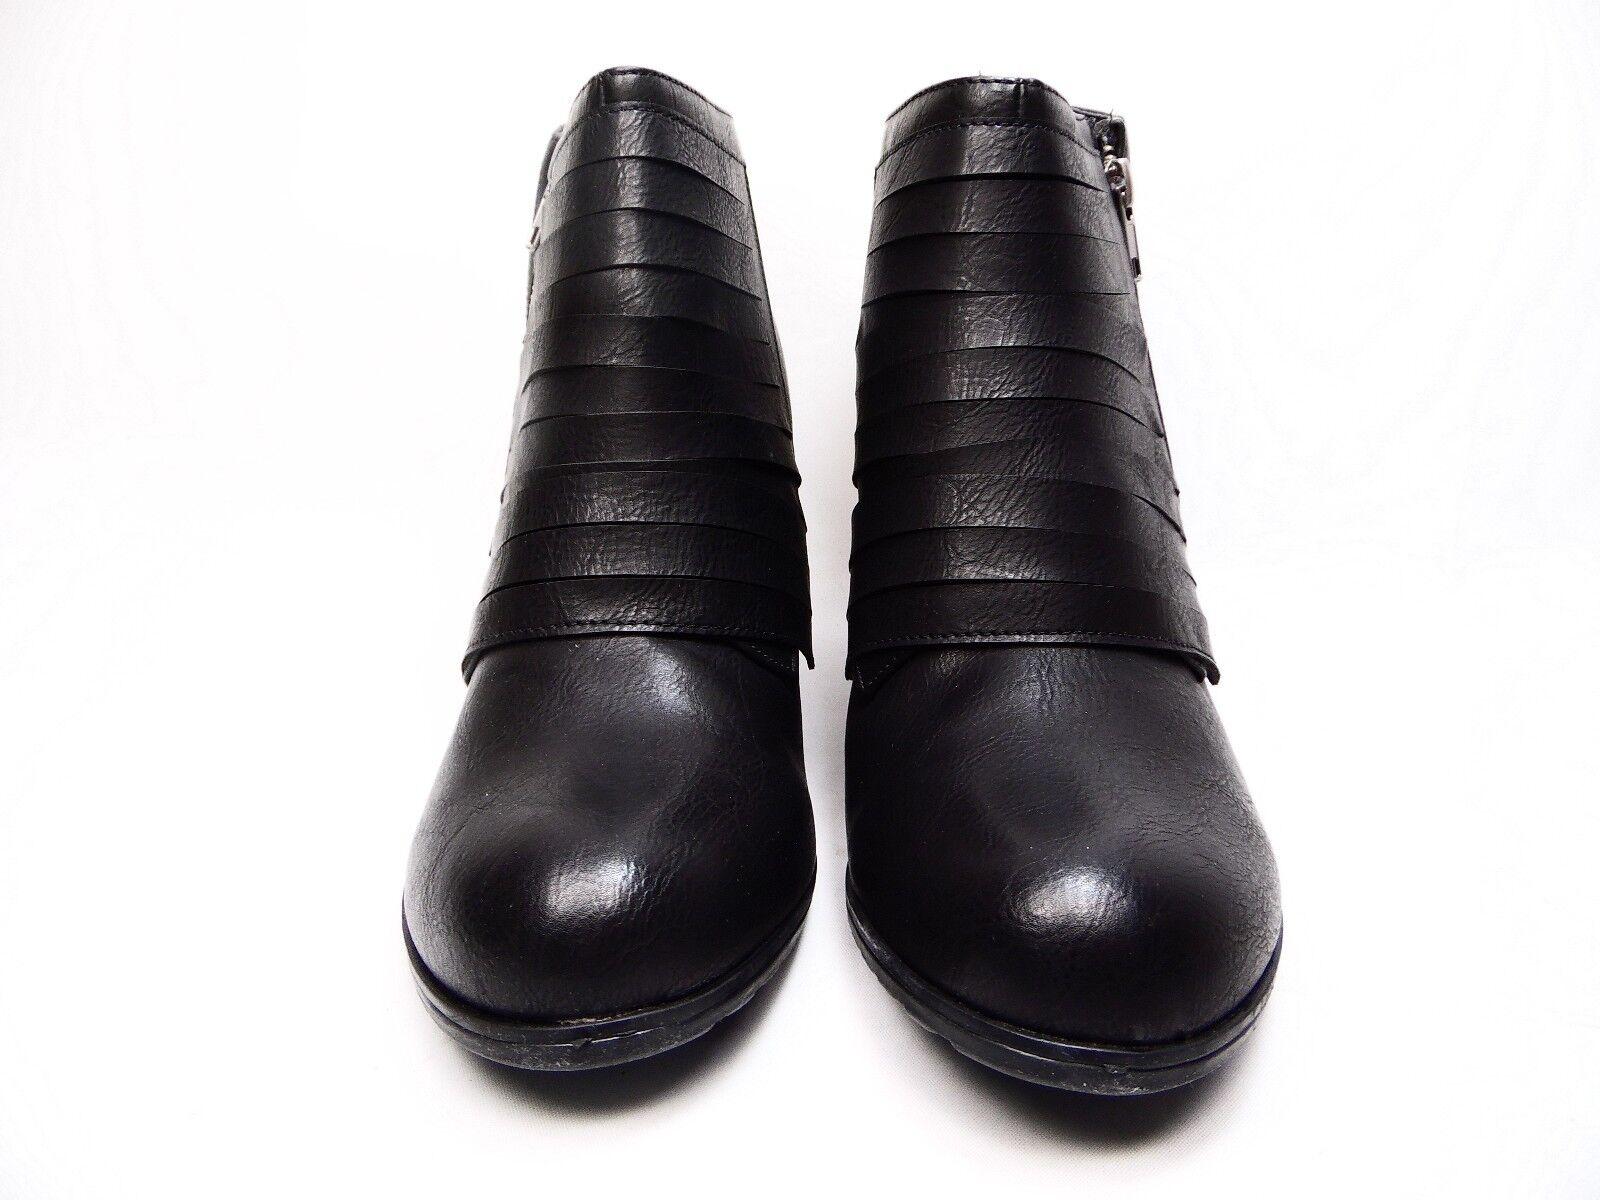 Kisses Notify femme Bottines Compensées Noir Taille 9.5 M